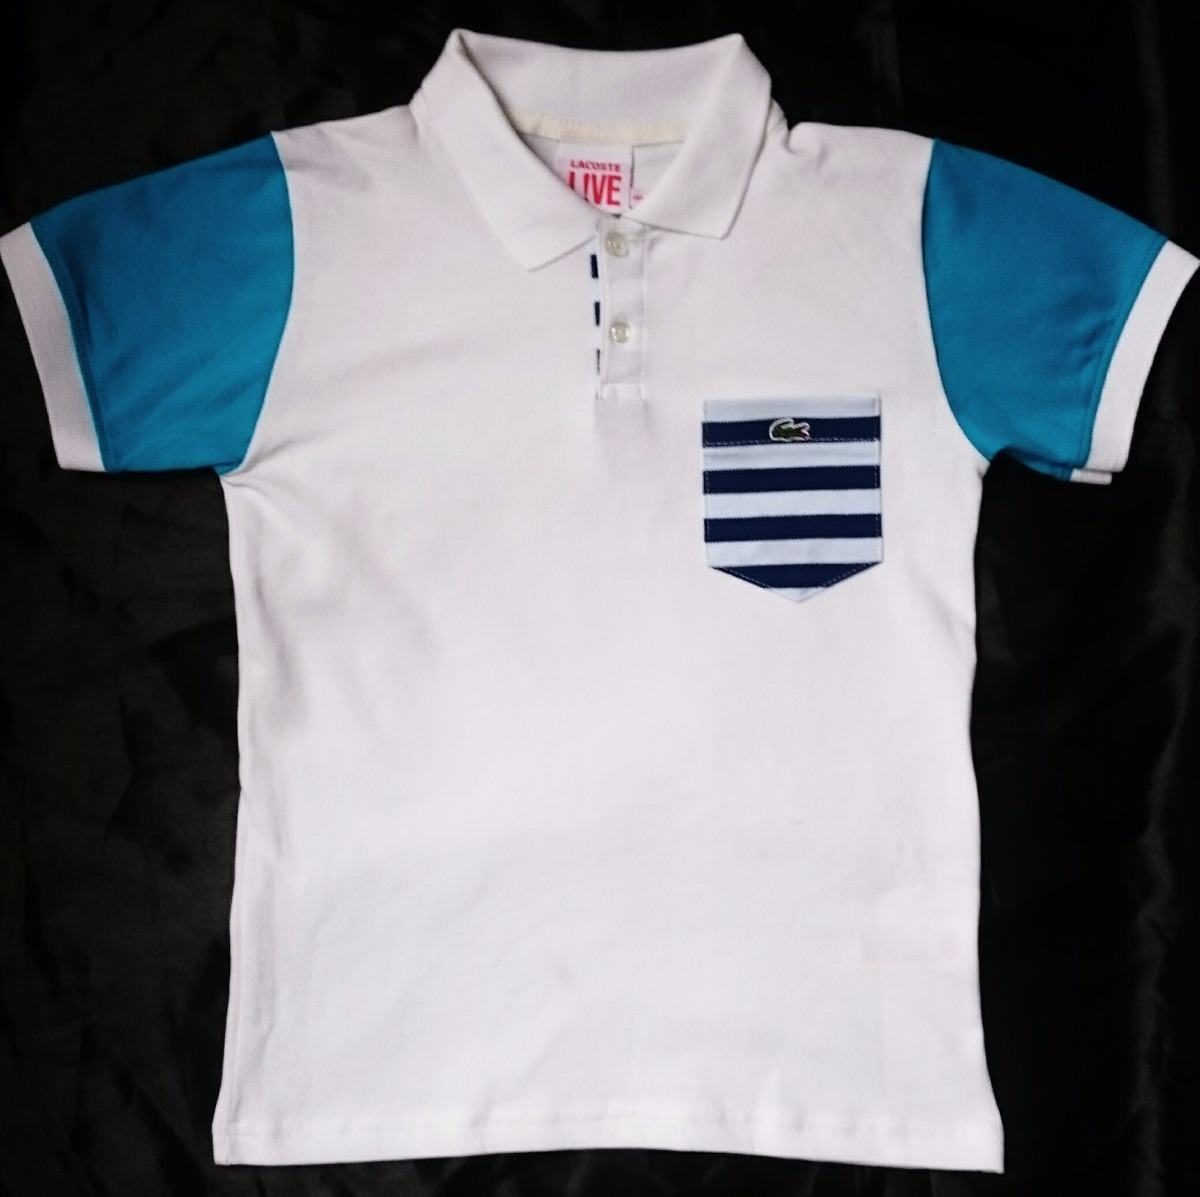 3f421b24e78 camisa polo lacoste infantil original - unidade. Carregando zoom.